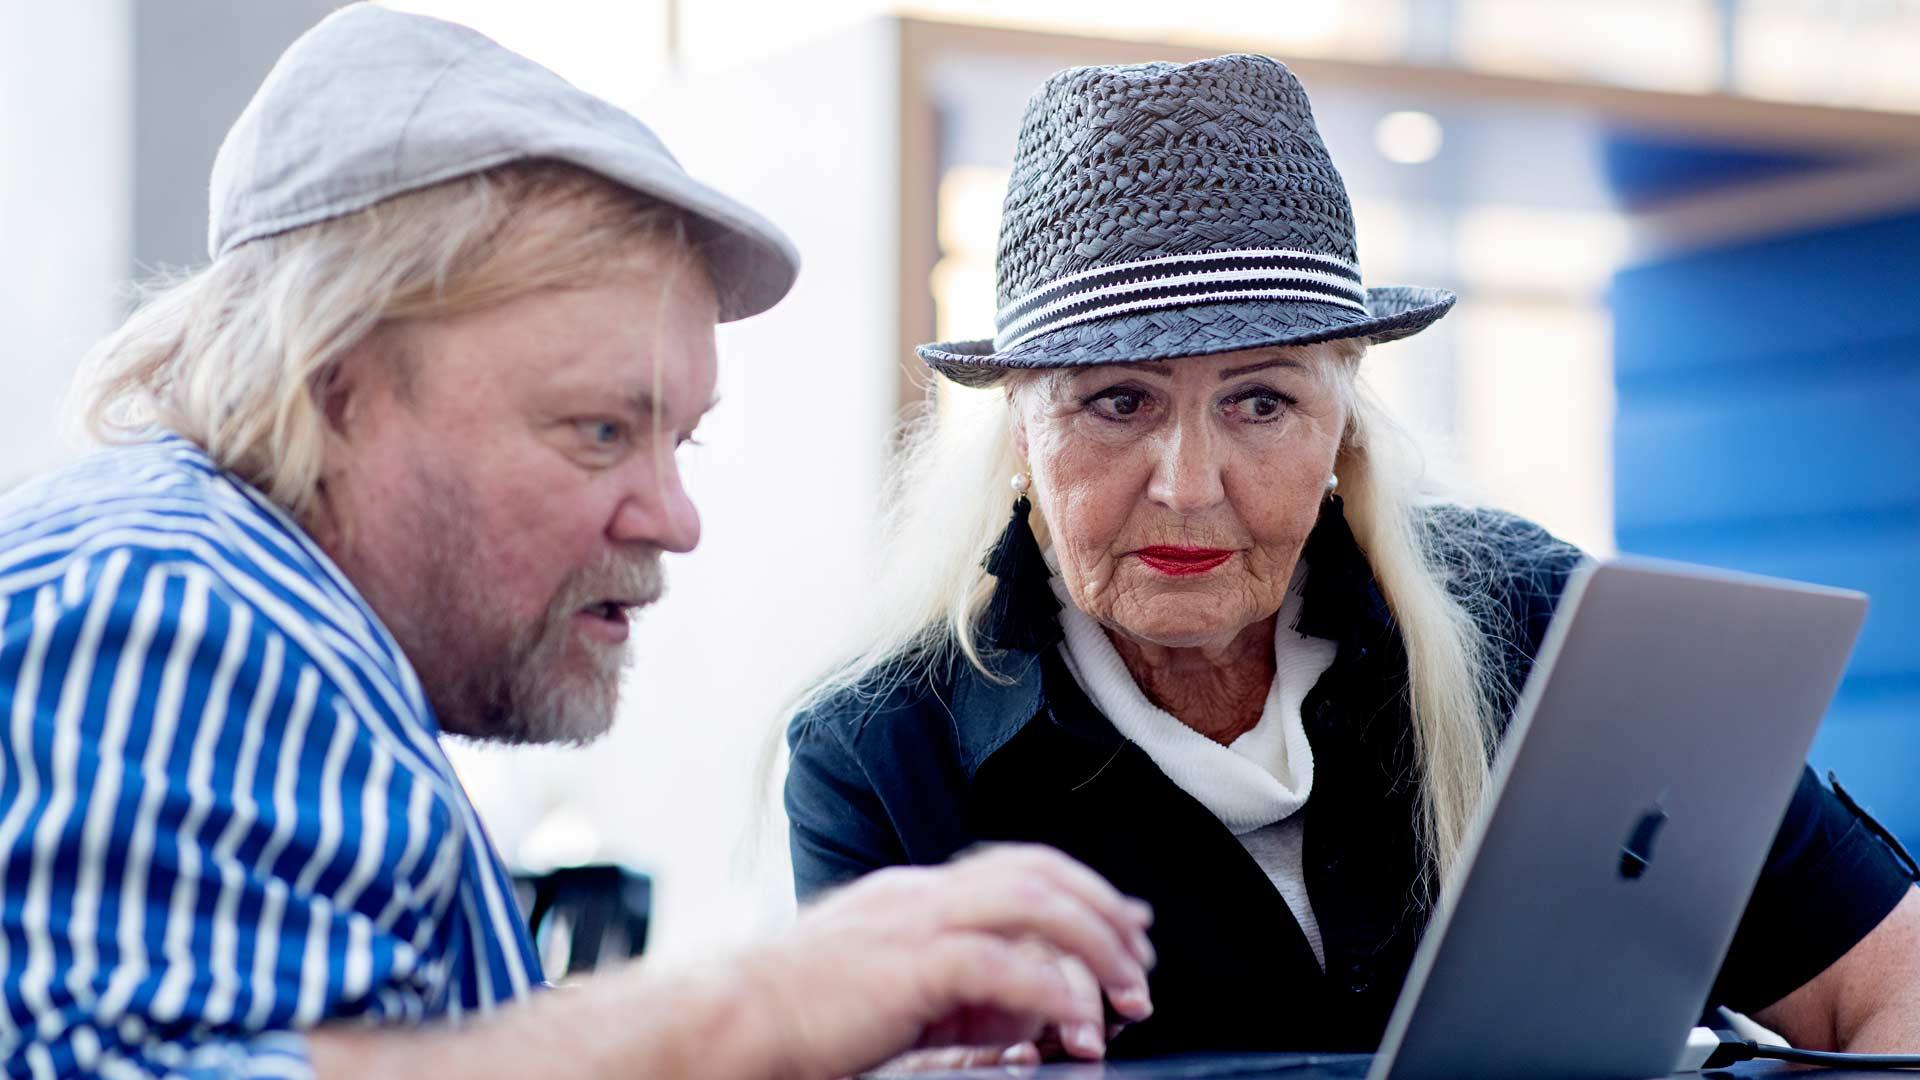 Valokuvaaja Kari Pekonen käy Pirkko Ahtolan kanssa läpi mallikansioon valittavia kuvia.